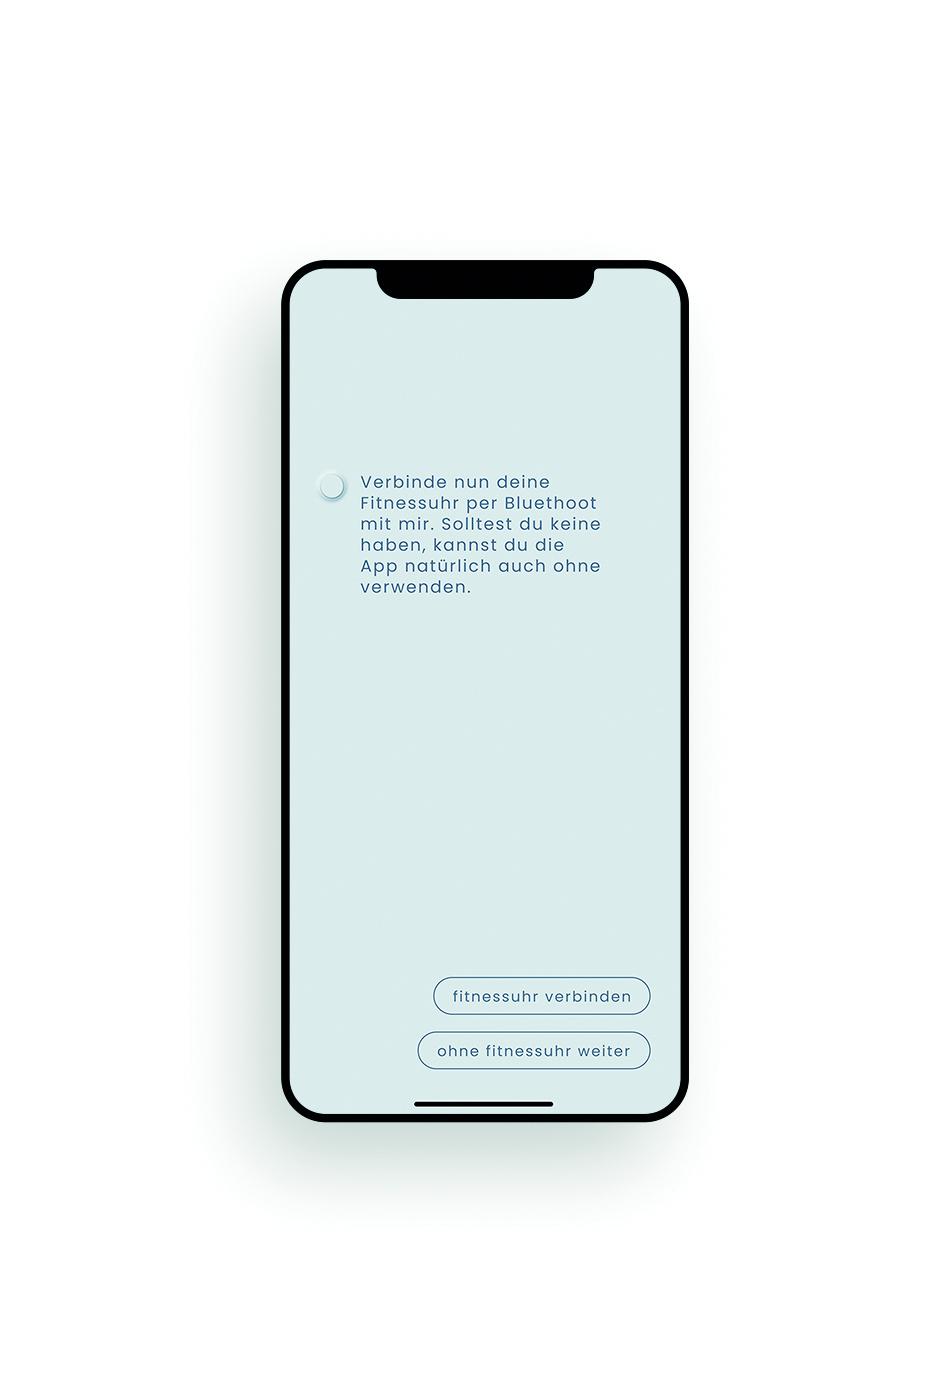 Screendesign App YOU